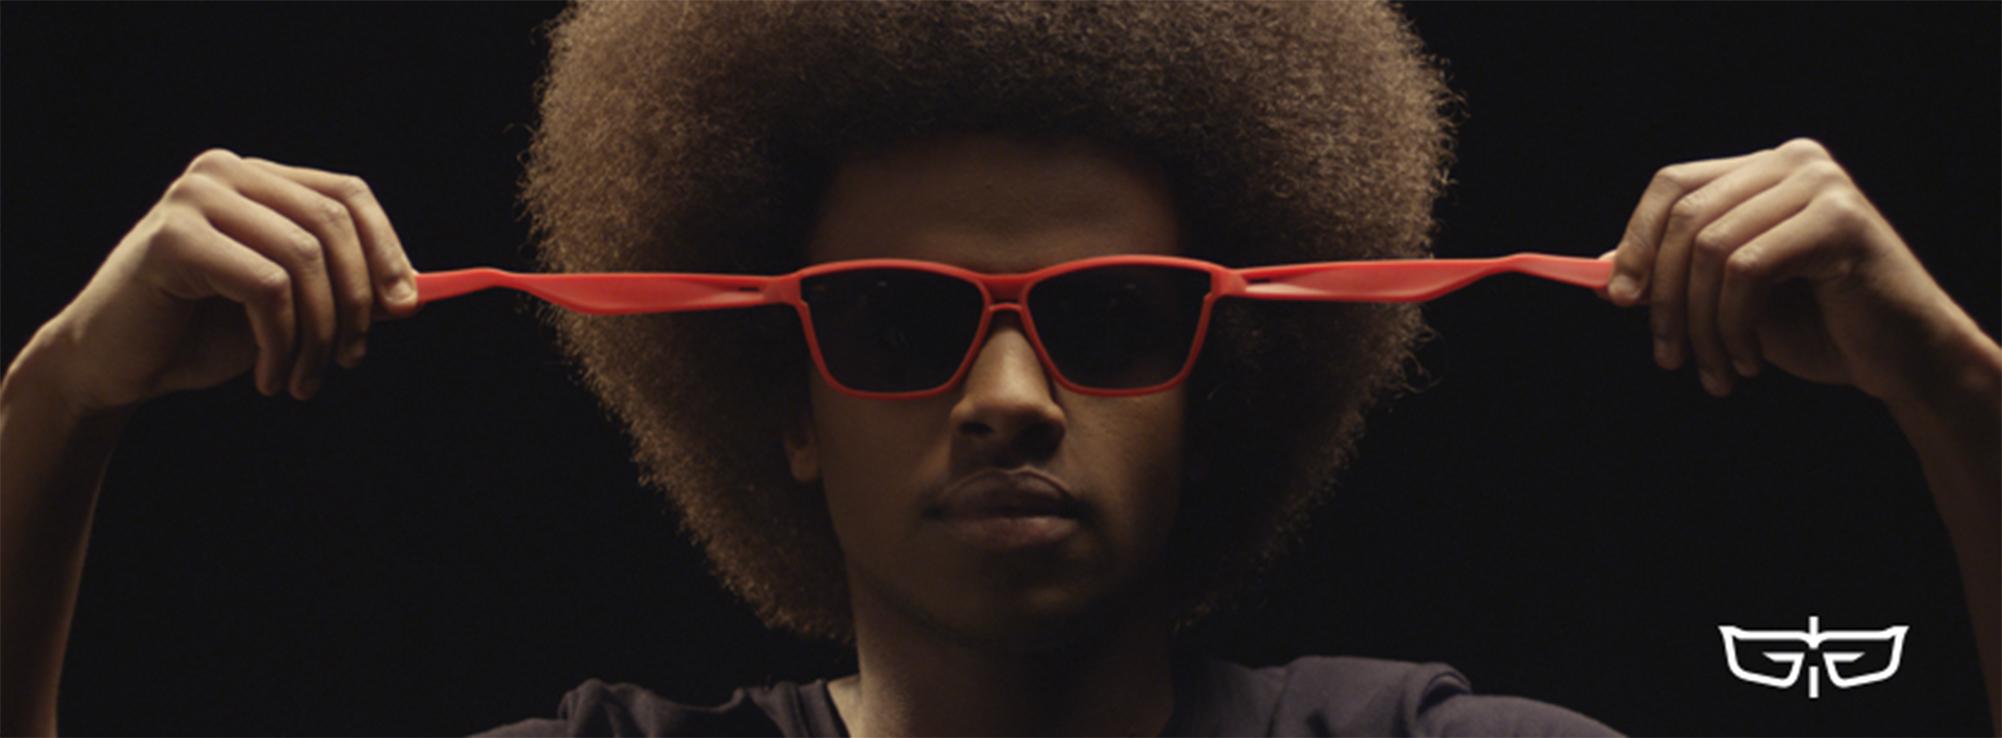 品牌介紹-Glass & Glam百變太陽眼鏡